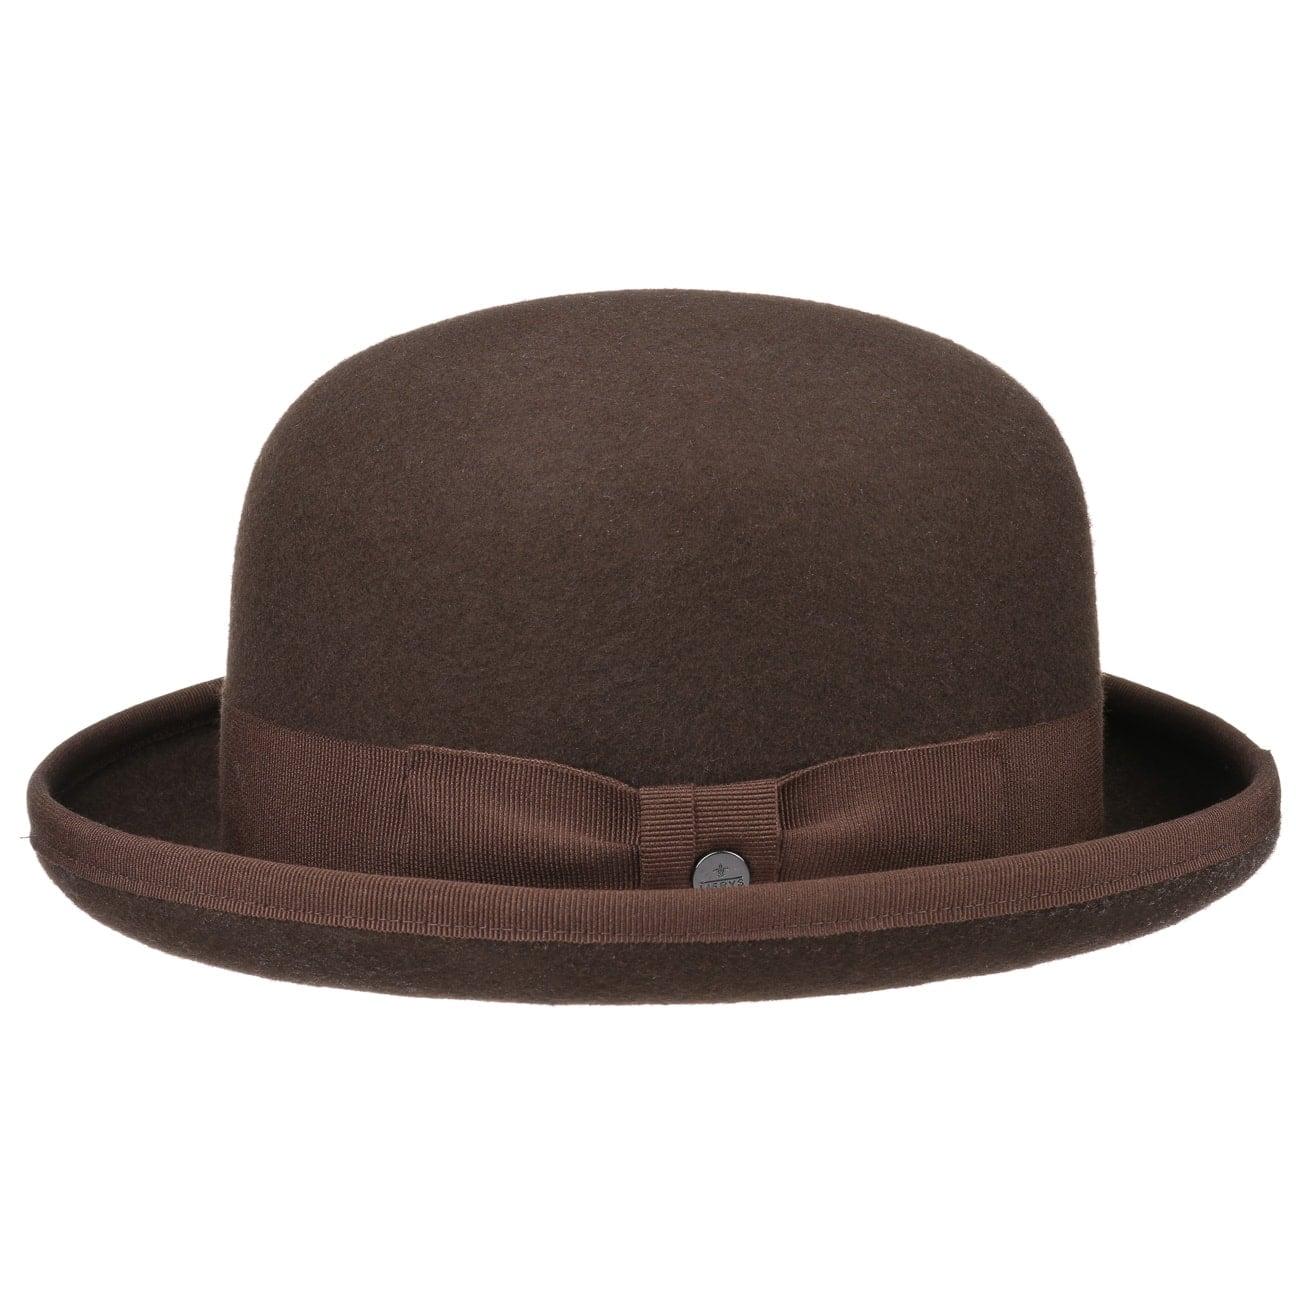 863348e80206d5 ... black 6 · Wool Felt Bowler Hat Uni by Lierys - dark brown 4 ...